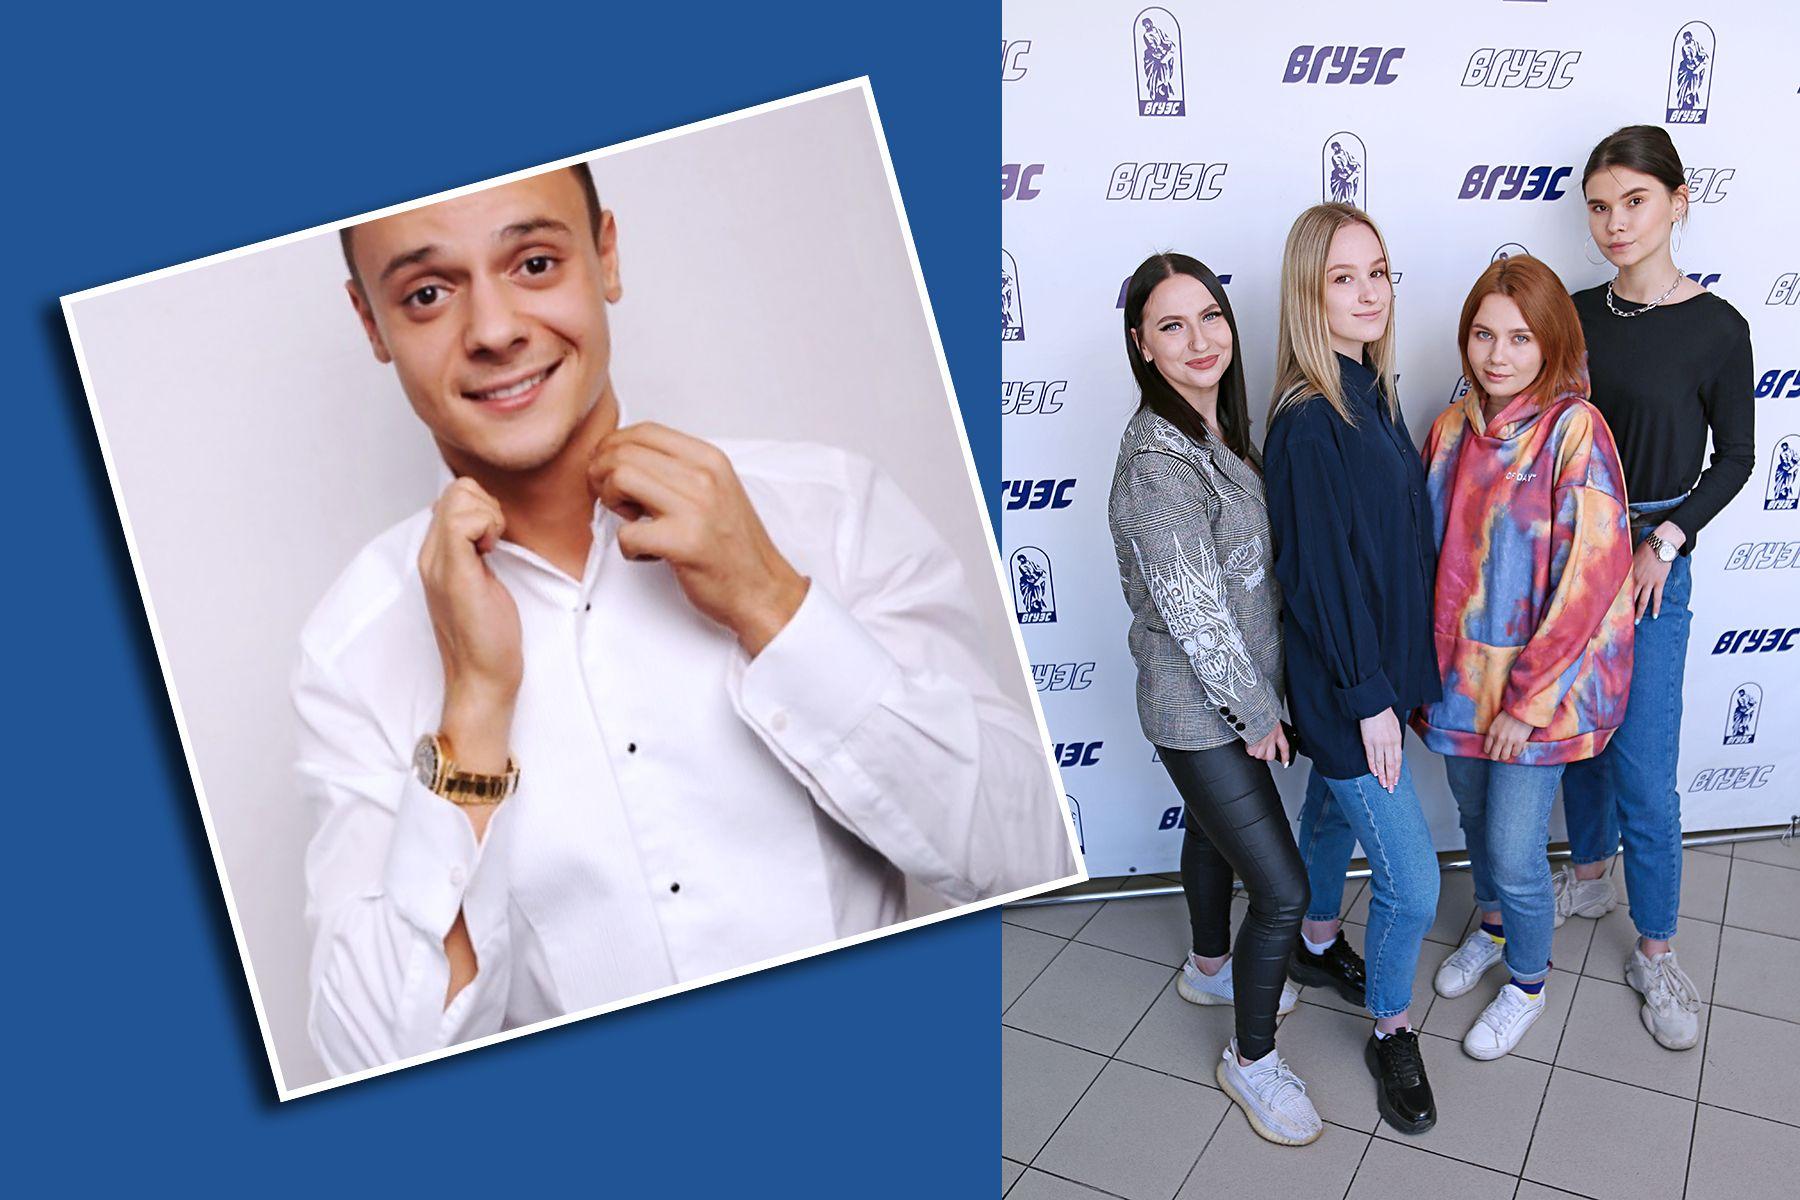 Студенты Высшей школы телевидения ВГУЭС провели прямой эфир в Instagram с фаундером и продюсером P.R.R. Павлом Компаном